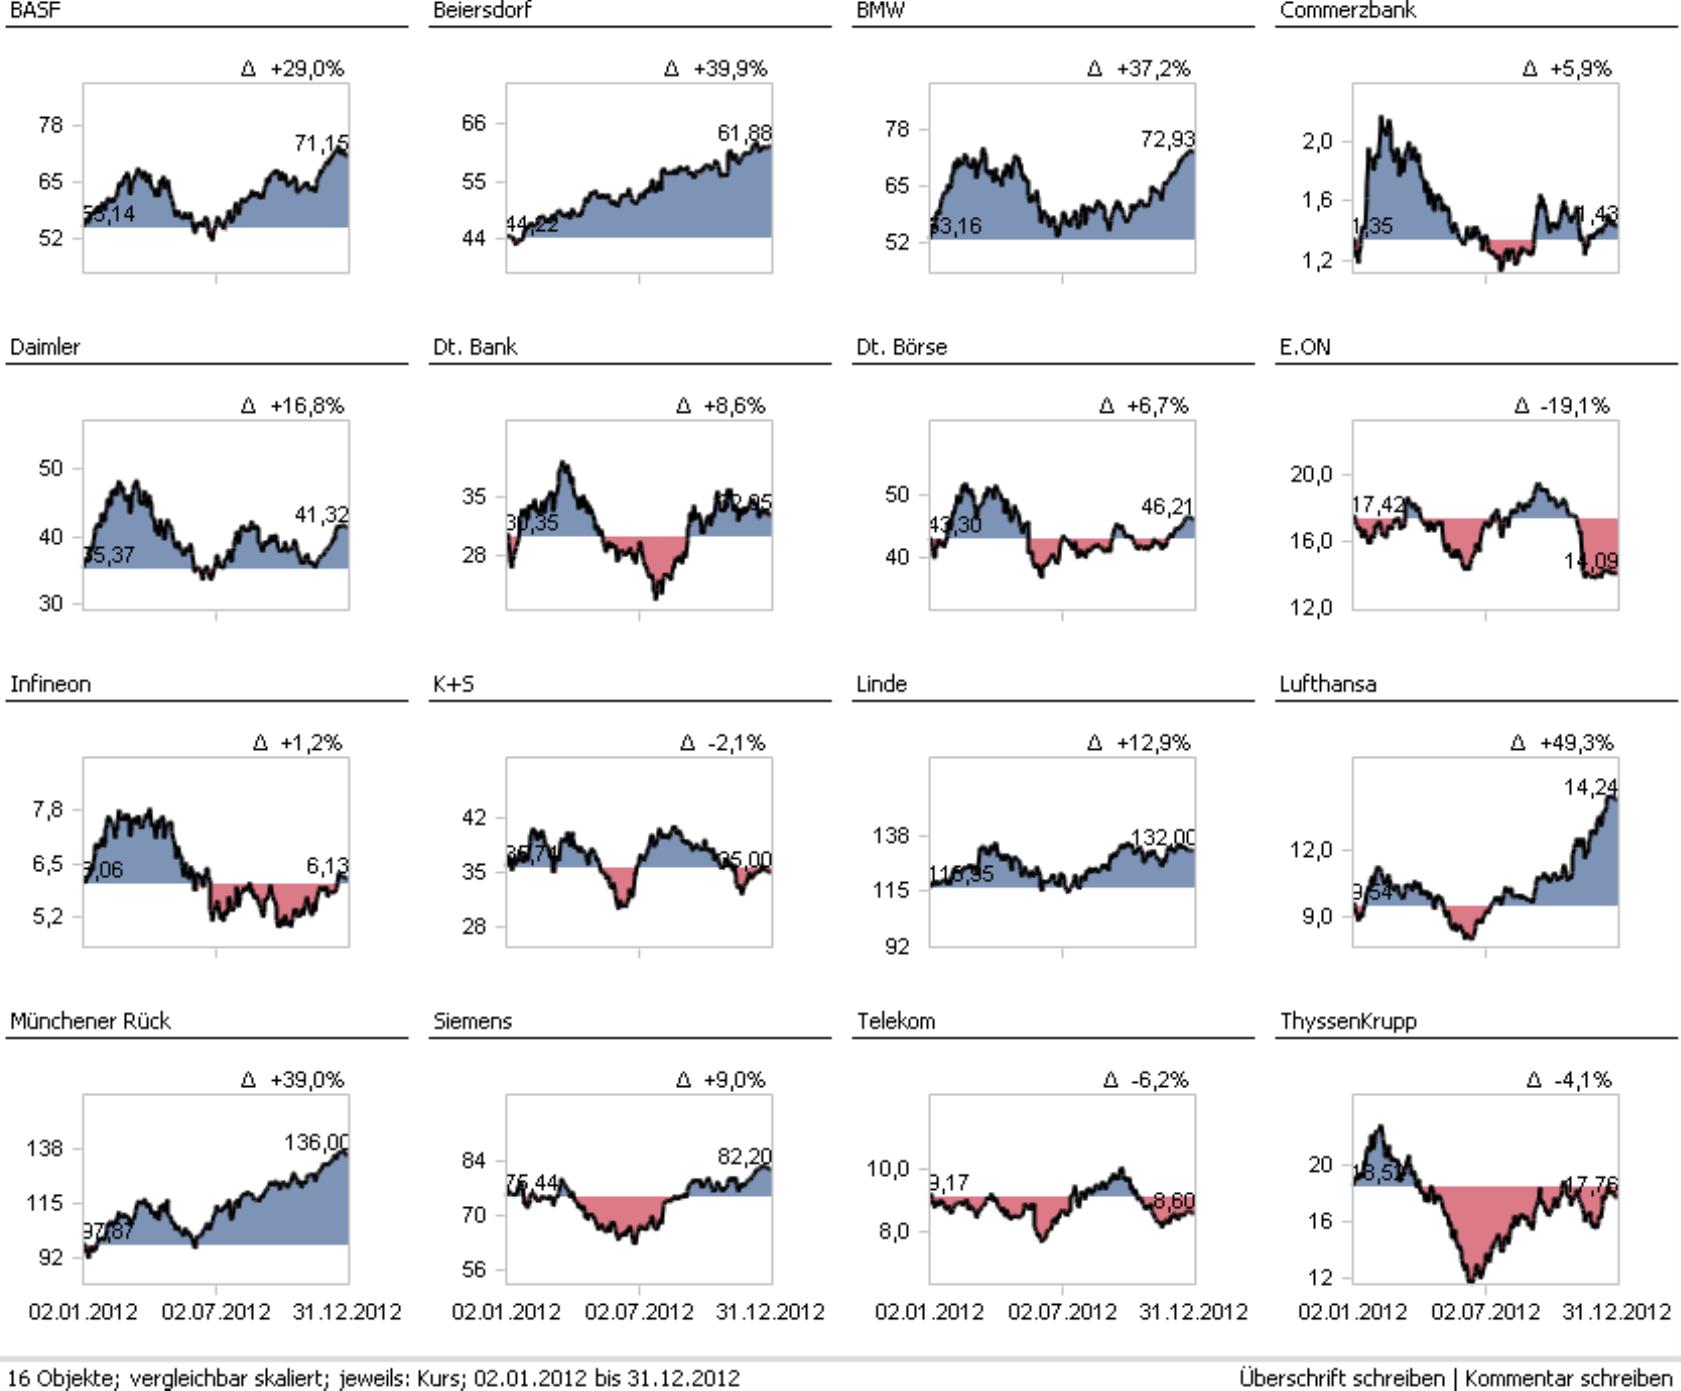 Small-Multiples-Bericht der Aktienkurse von BASF, Beiersdorf, BMW, Commerzbank, Daimler, Dt. Bank, Dt. Börse E.ON, Infineon, K+S, Linde, Lufthansa, Müchener Rück, Siemens, Telekom und ThyssenKrupp